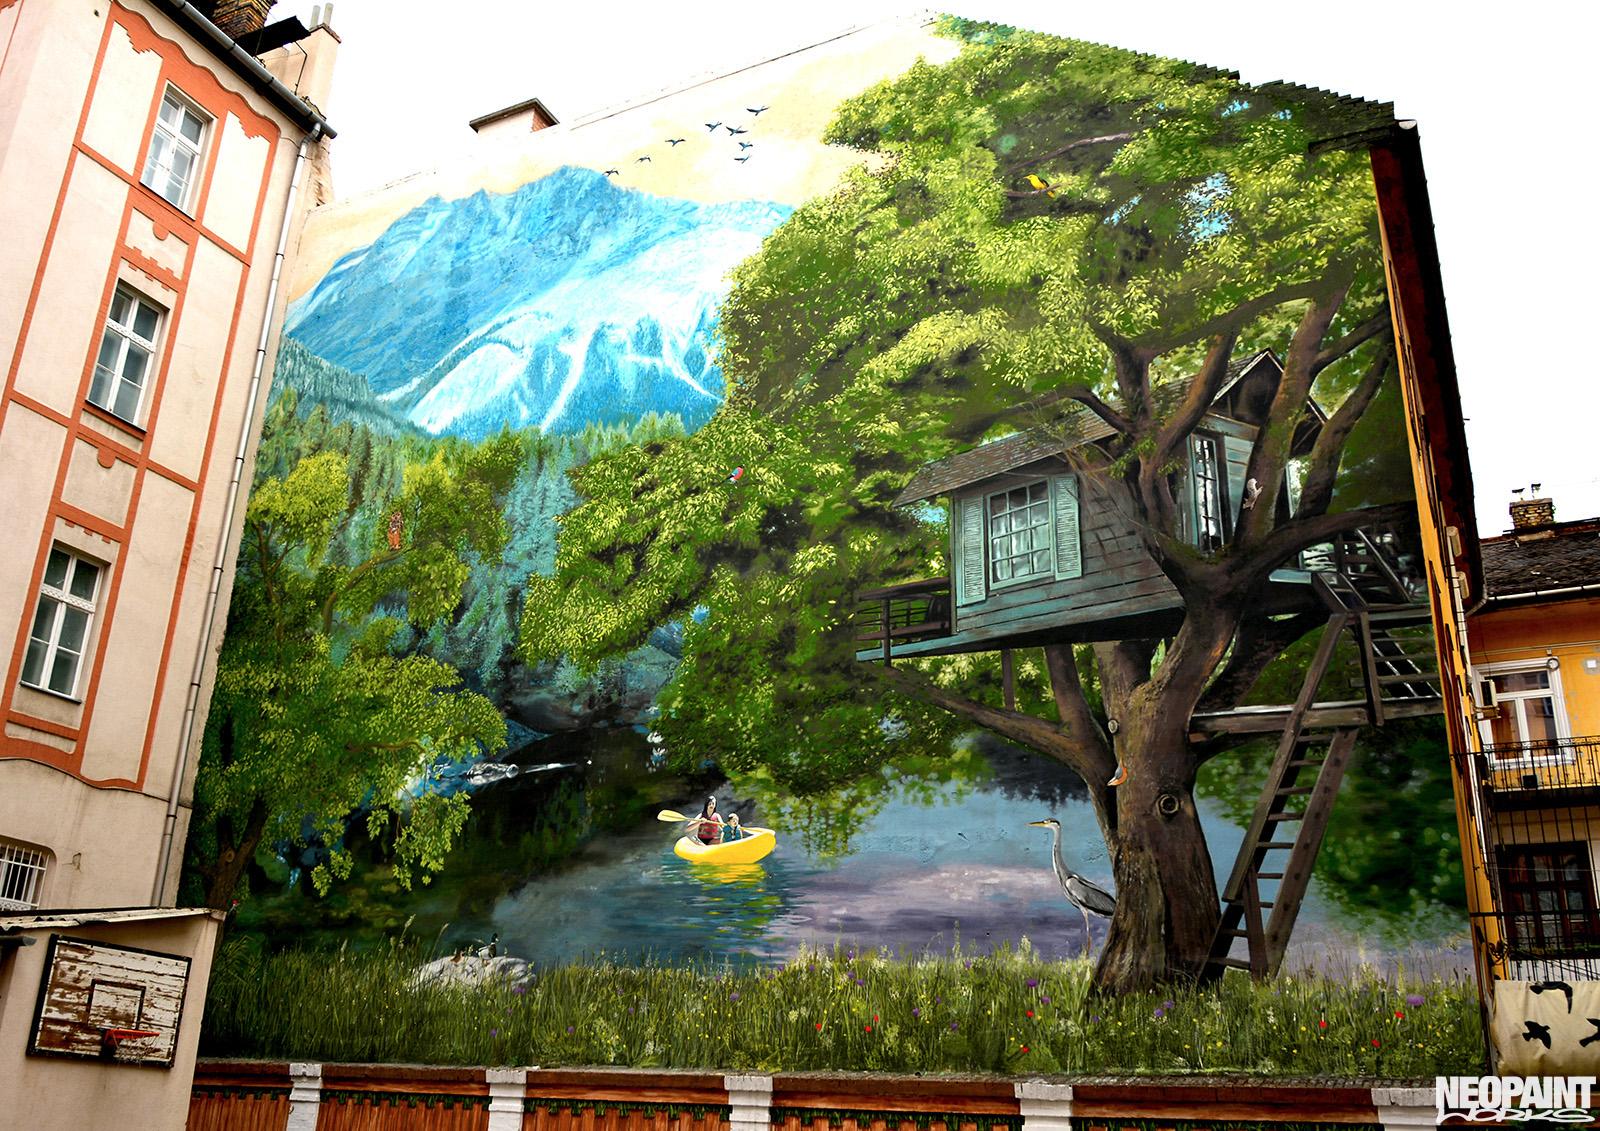 neopaint works - kreatív festés tűzfalon - dob utca iskola